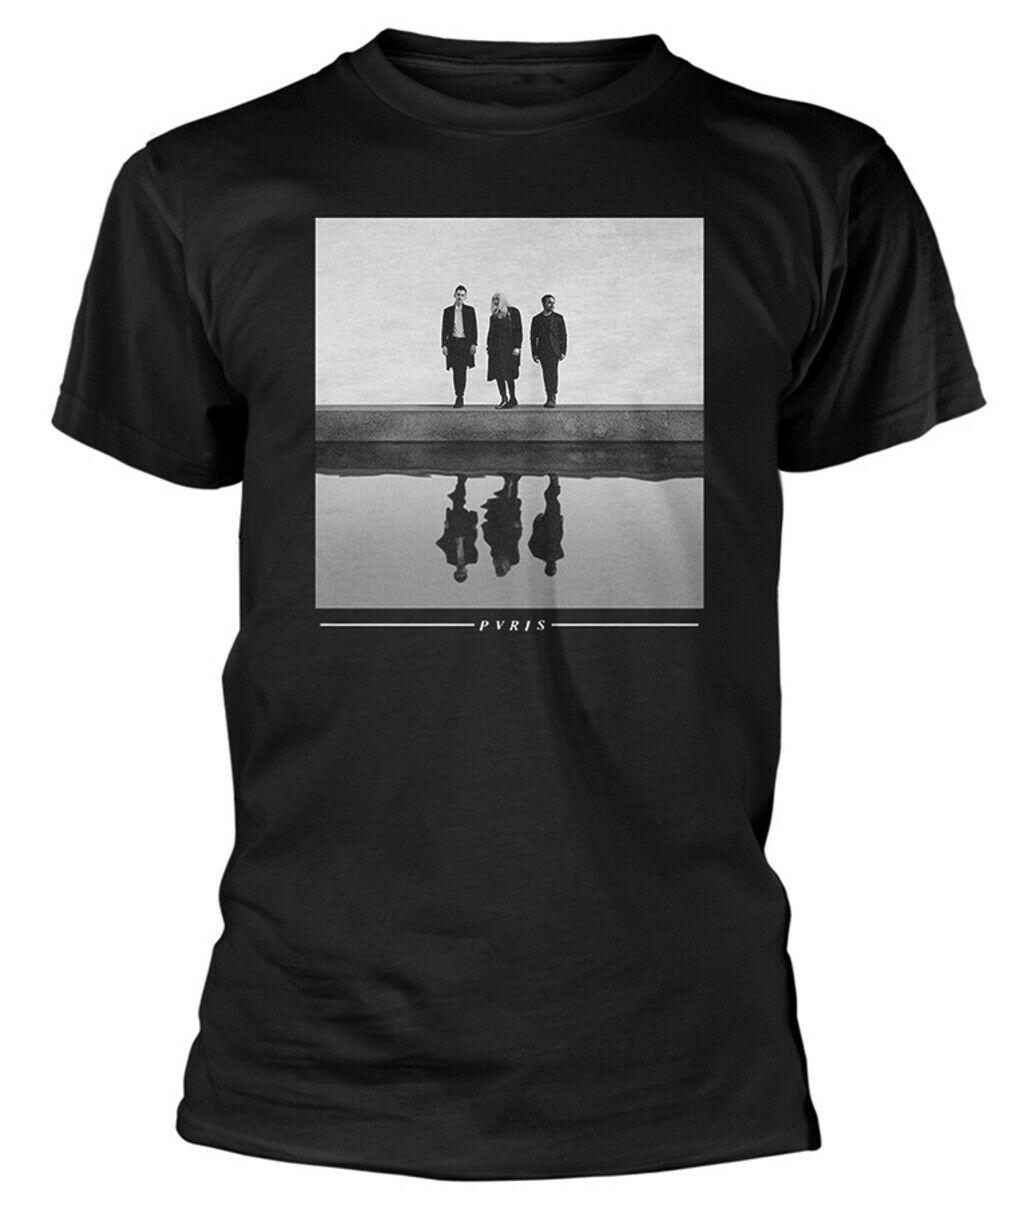 例如,相册封面 T恤高端定制短袖潮流印染ins韩版街头嘻哈摇滚